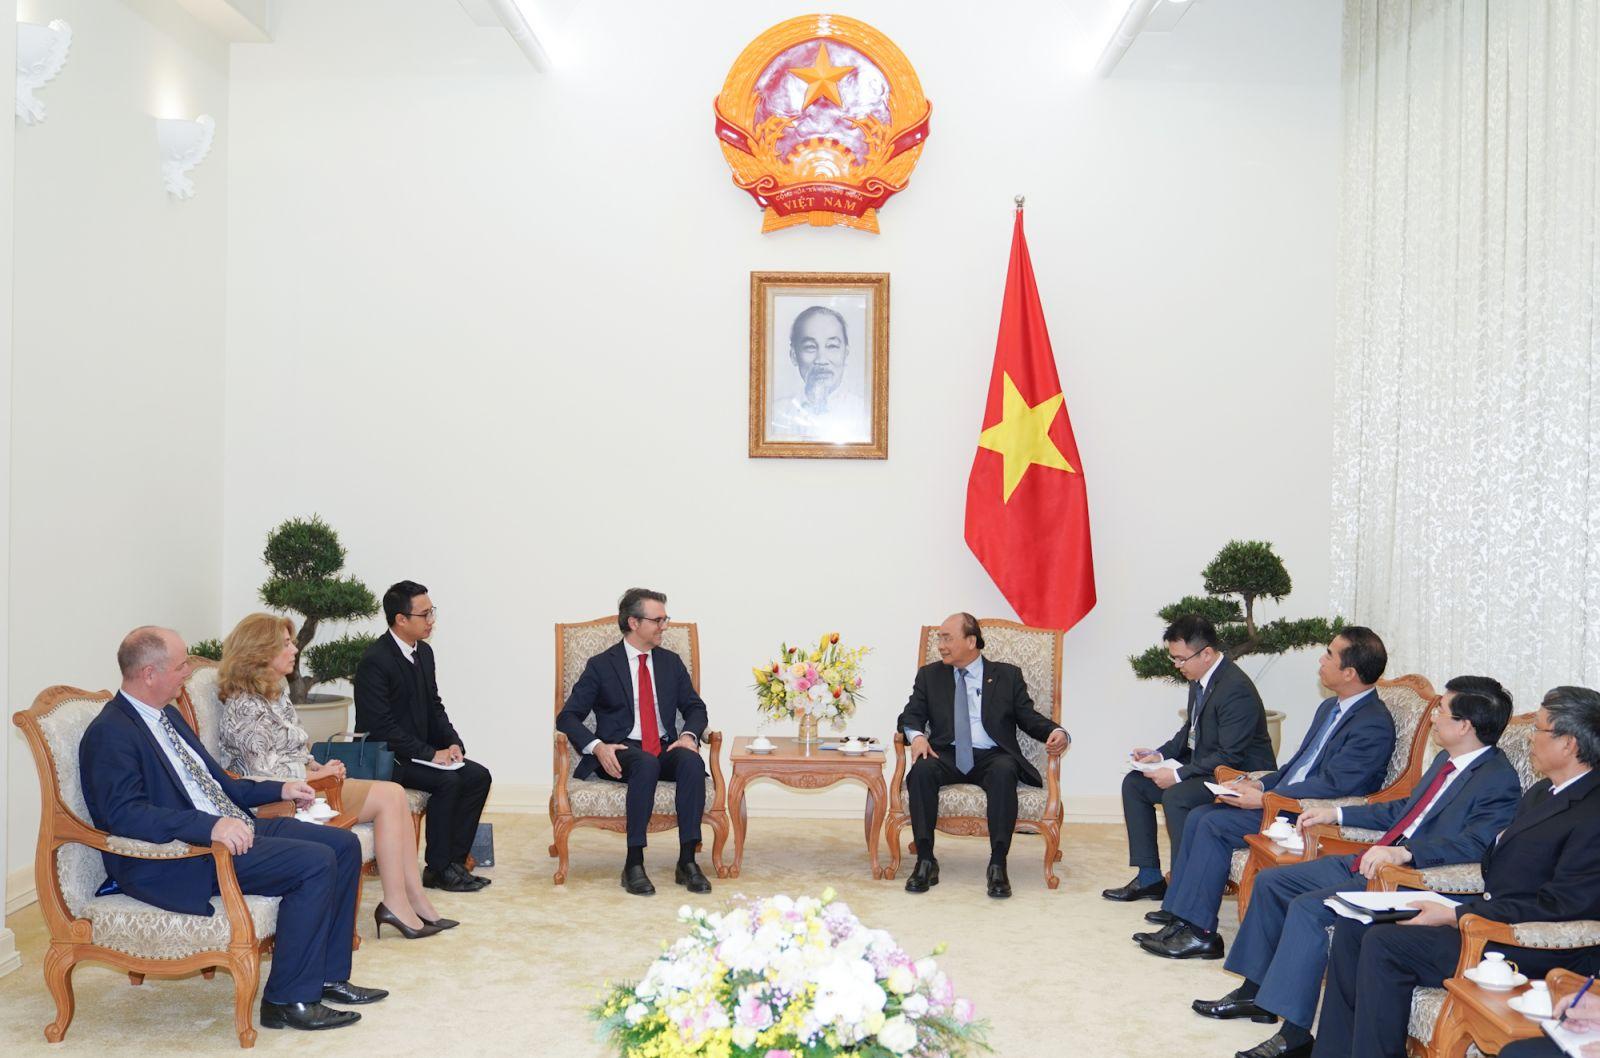 Thủ tướng Nguyễn Xuân Phúc tiếp Đại sứ, Trưởng phái đoàn EU tại Việt Nam. Ảnh: VGP/Quang Hiếu